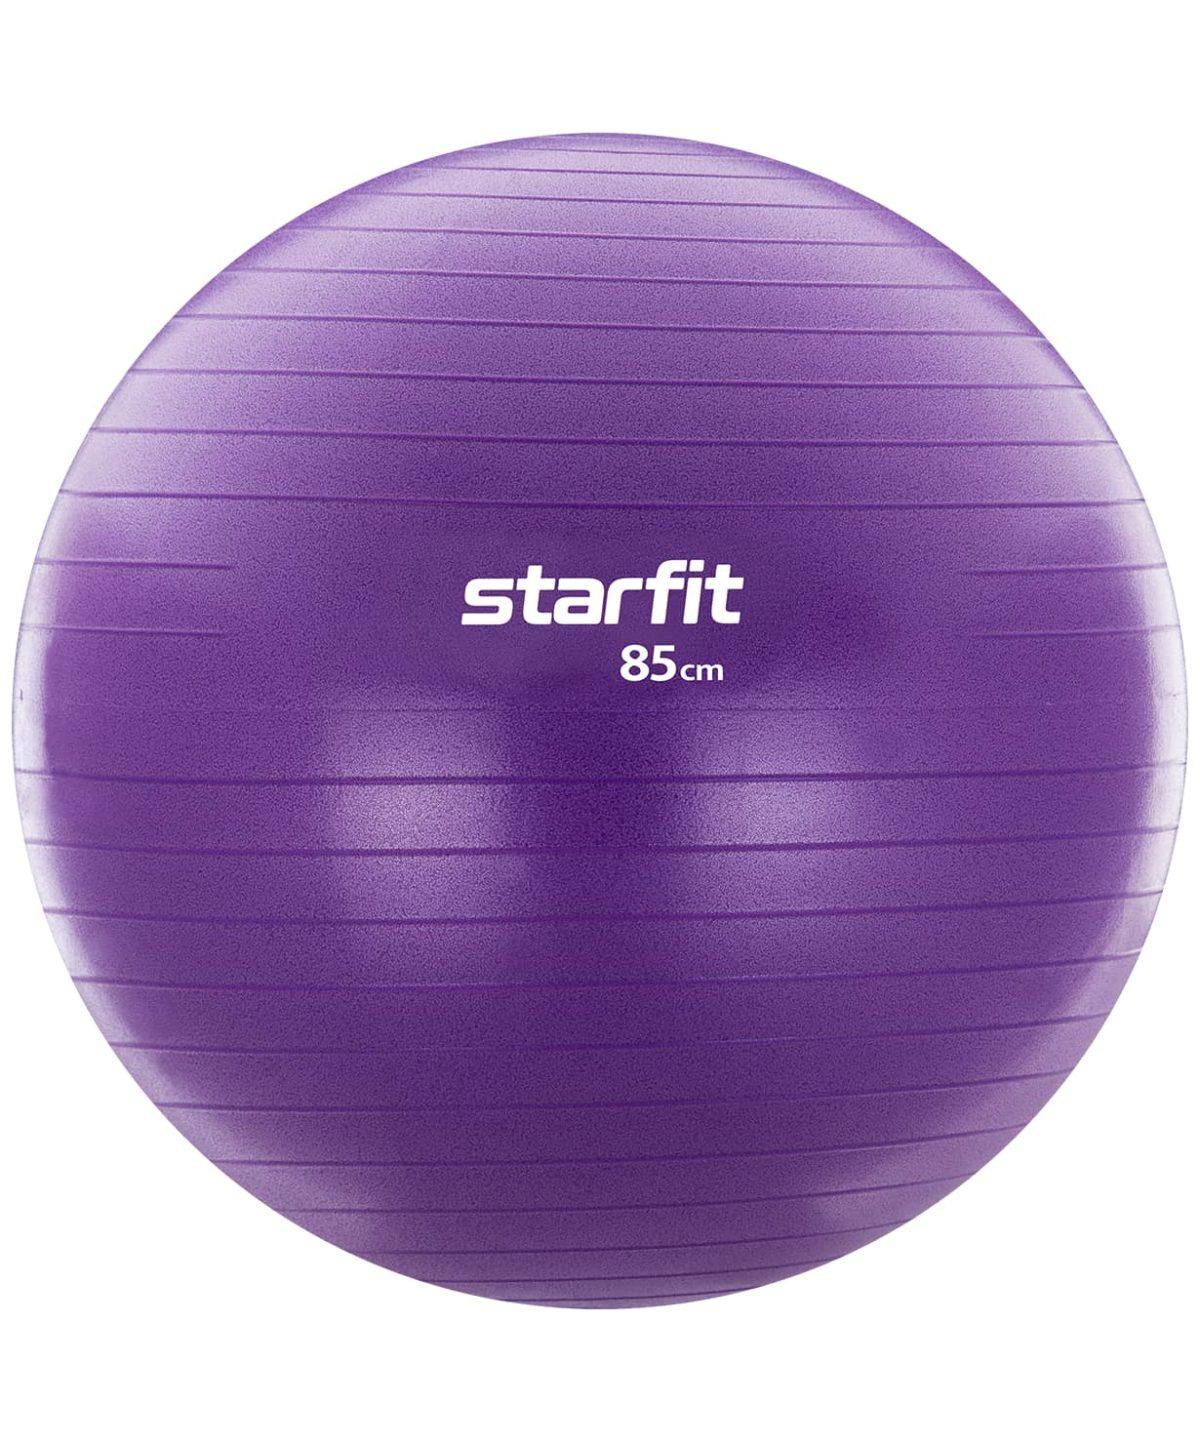 STARFIT Фитбол антивзрыв 85 см 1500 гр, с ручным насосом GB-106 - 1